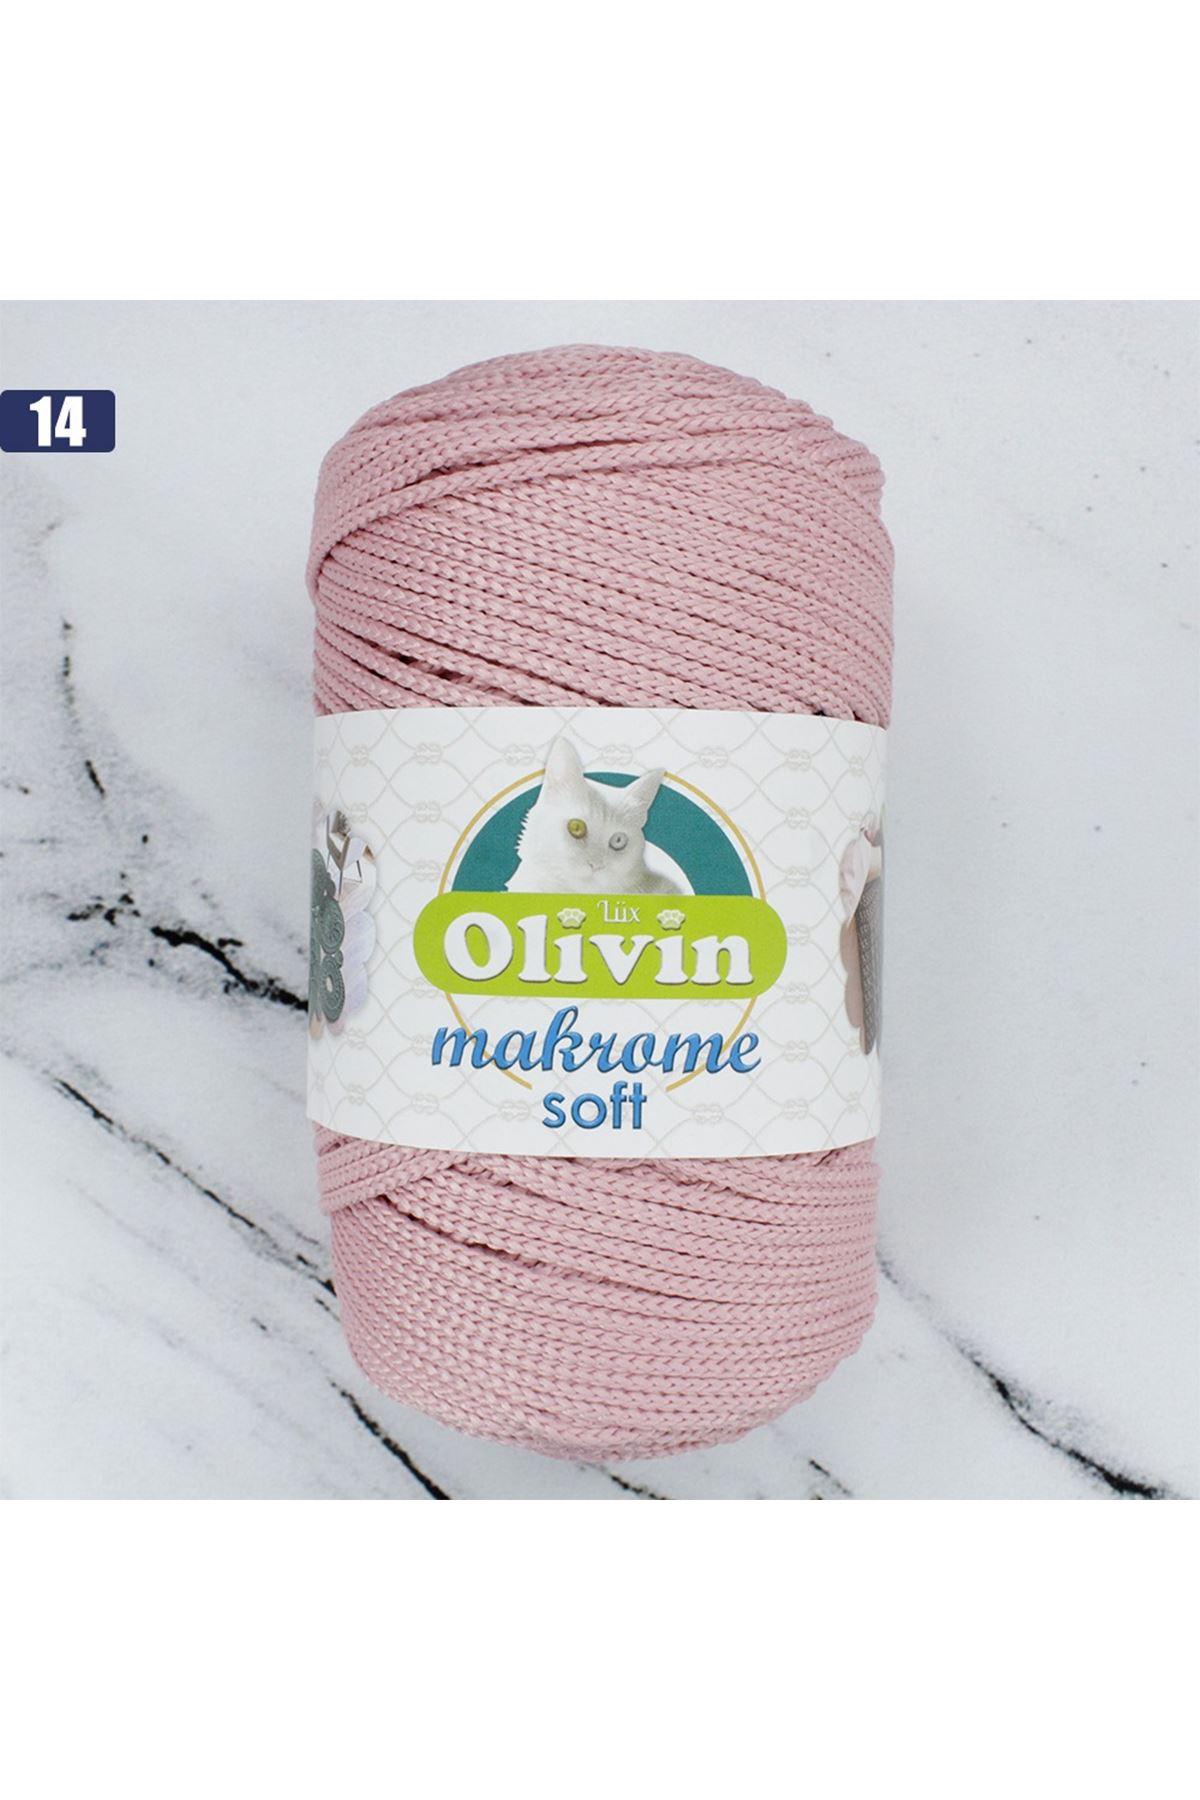 Olivin Makrome Soft 14